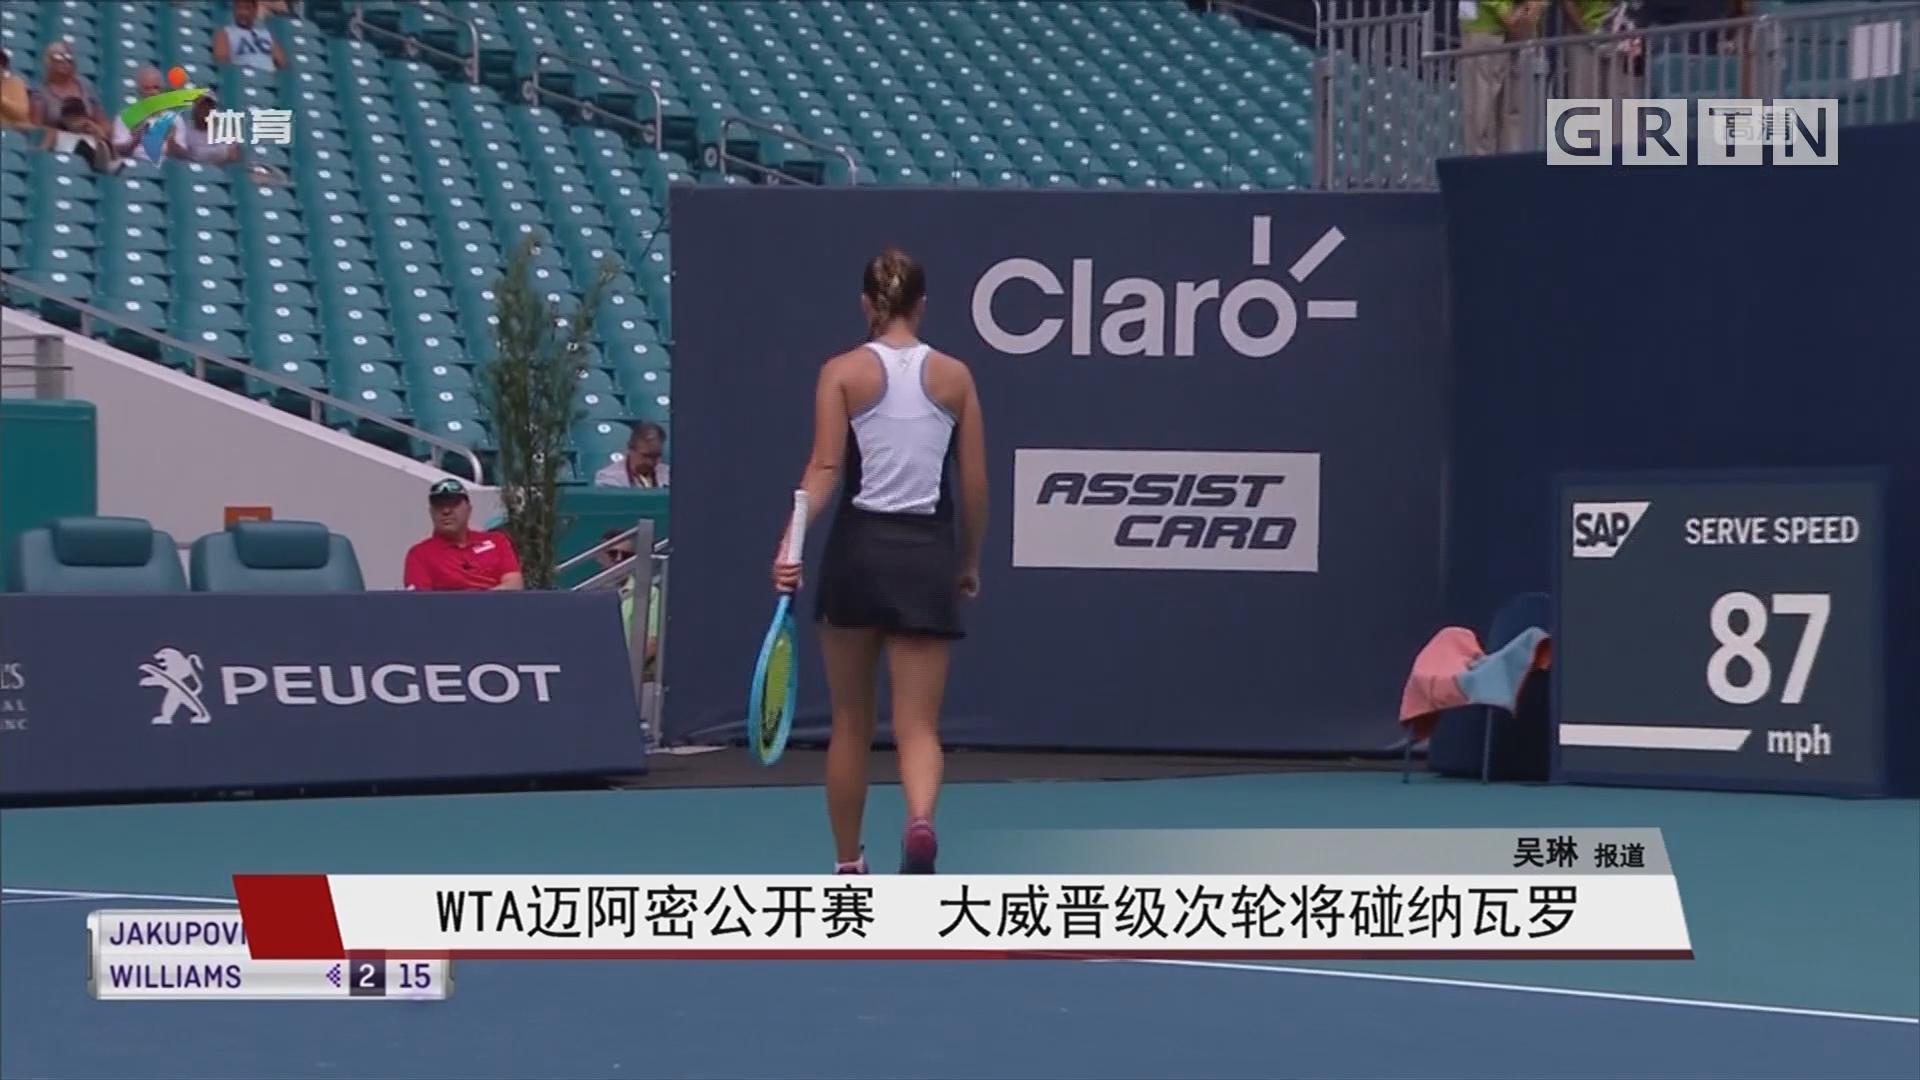 WTA迈阿密公开赛 大威晋级次轮将碰纳瓦罗